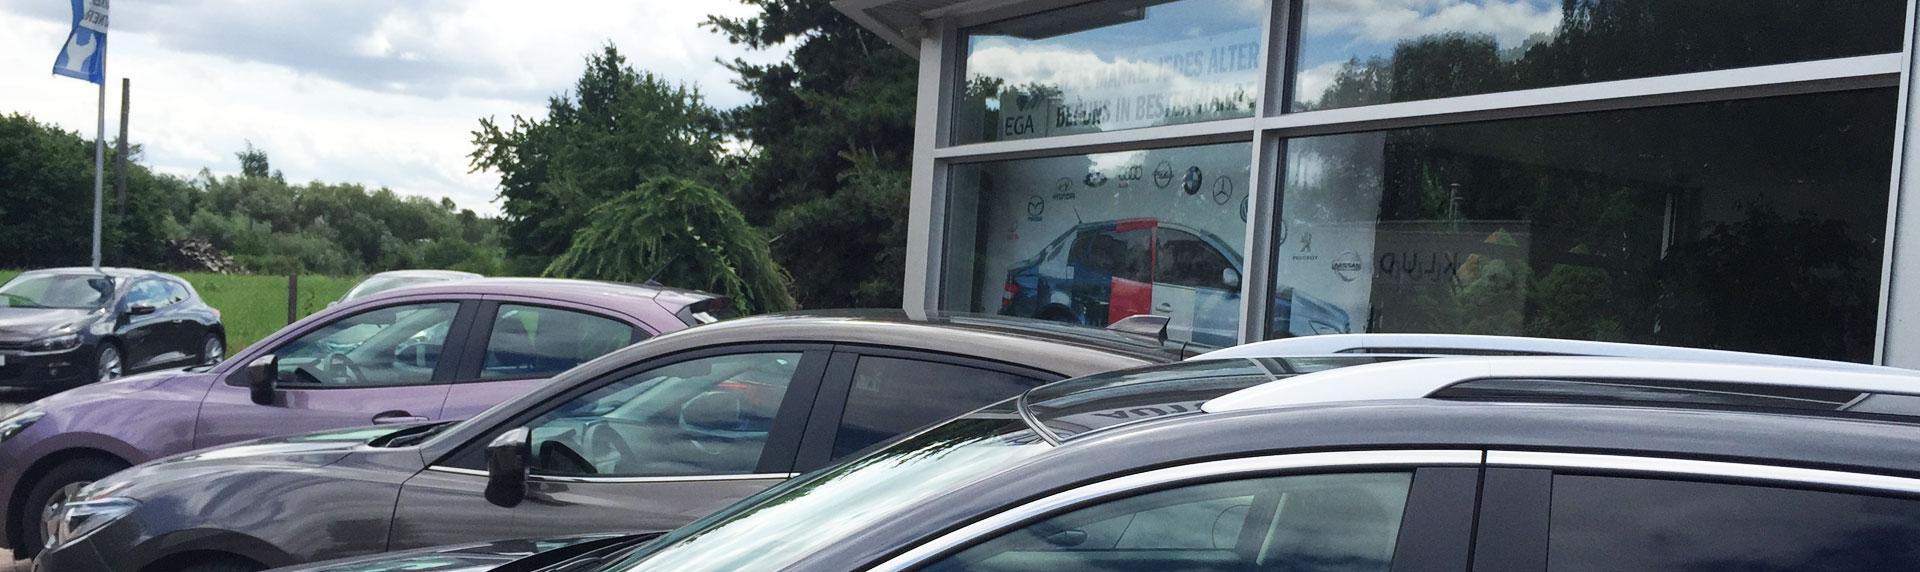 Fahrzeug-Verkauf mit Transparenz und Vertrauen